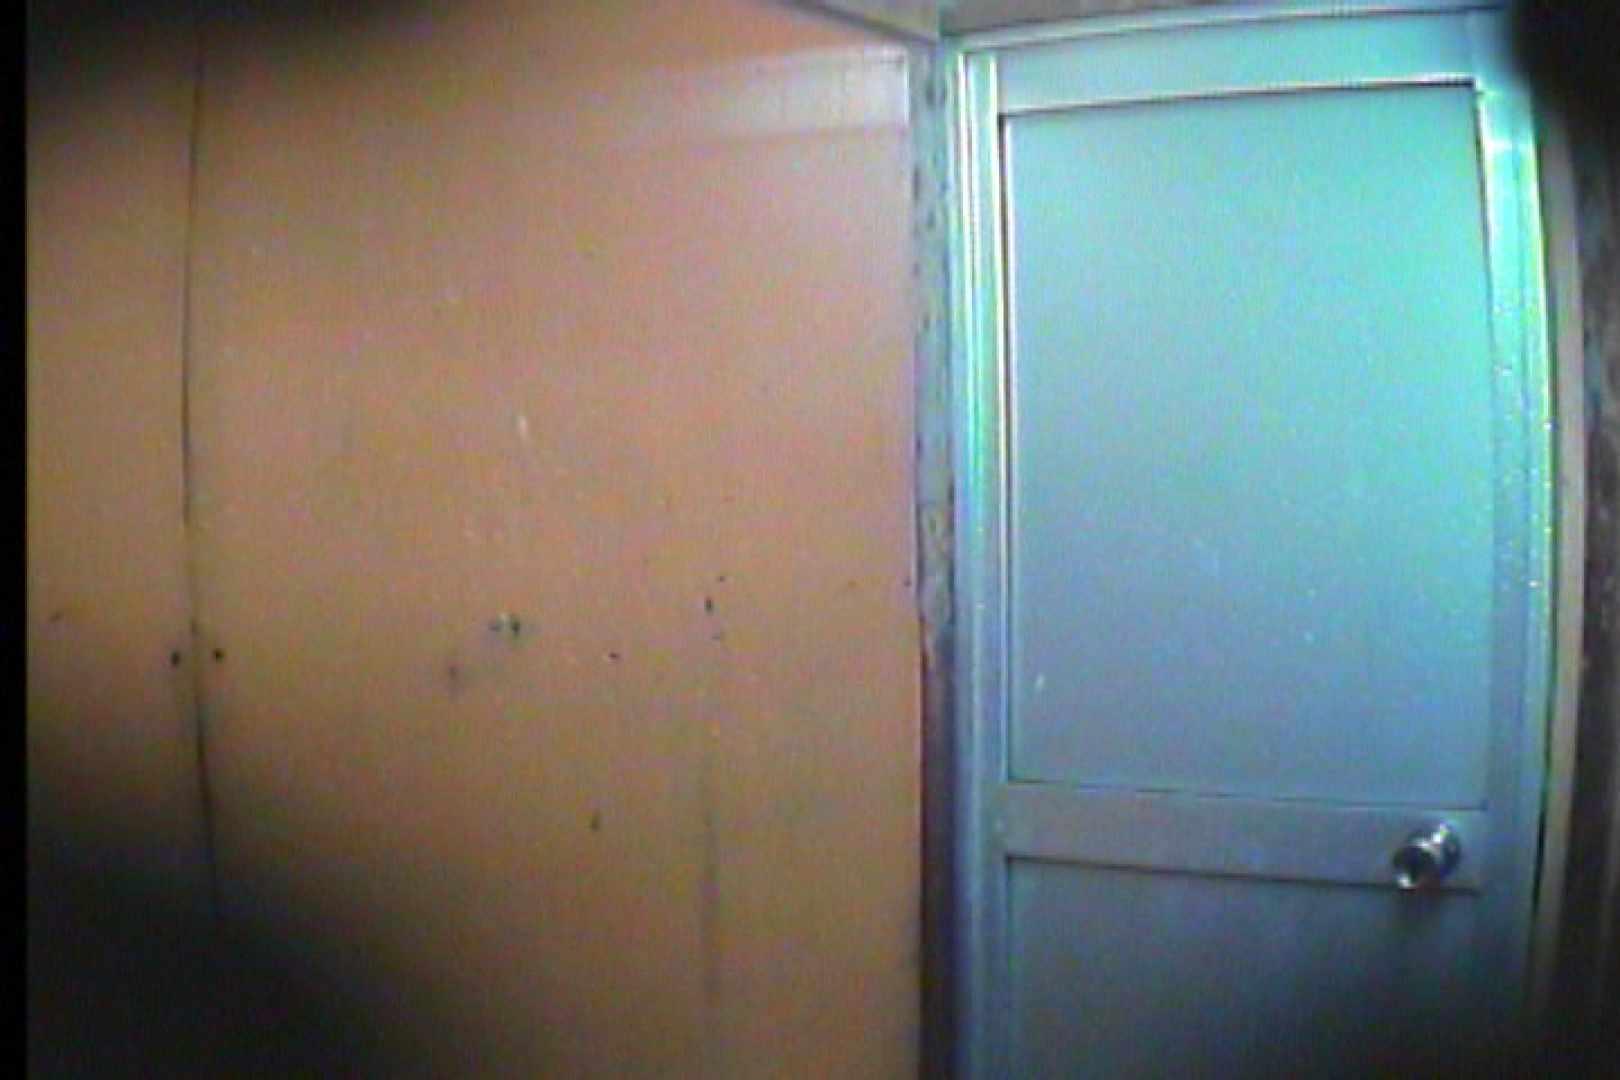 海の家の更衣室 Vol.46 美女 盗み撮り動画キャプチャ 99pic 65